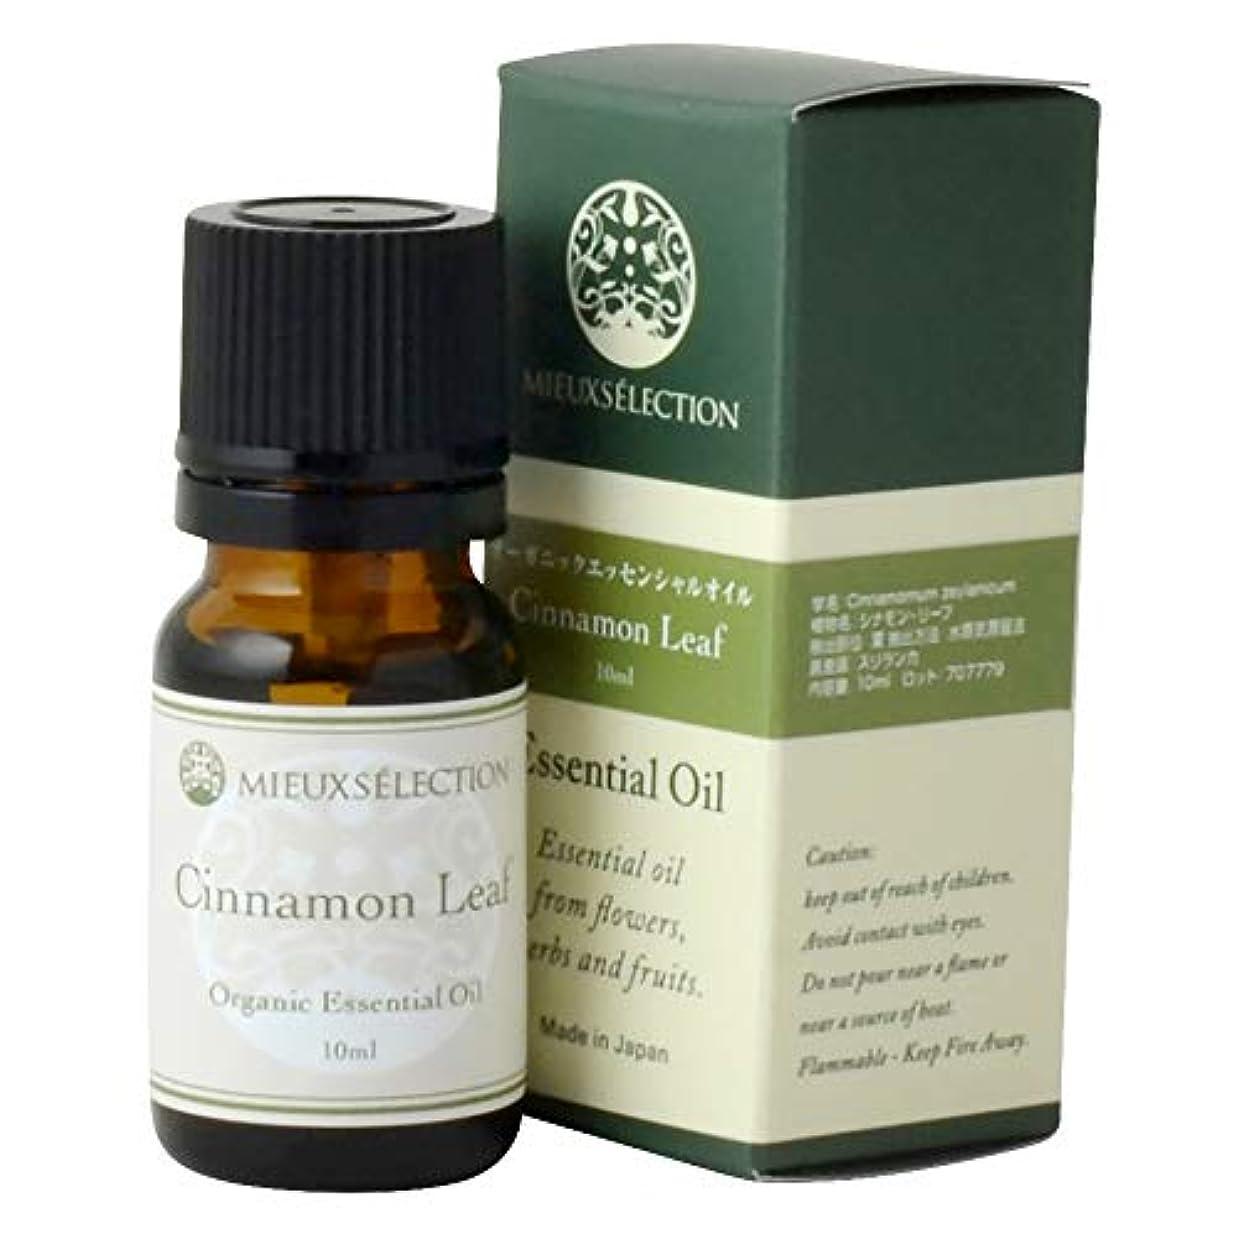 前投薬再発する関与するエッセンシャルオイル シナモンリーフ(オーガニック)10ml